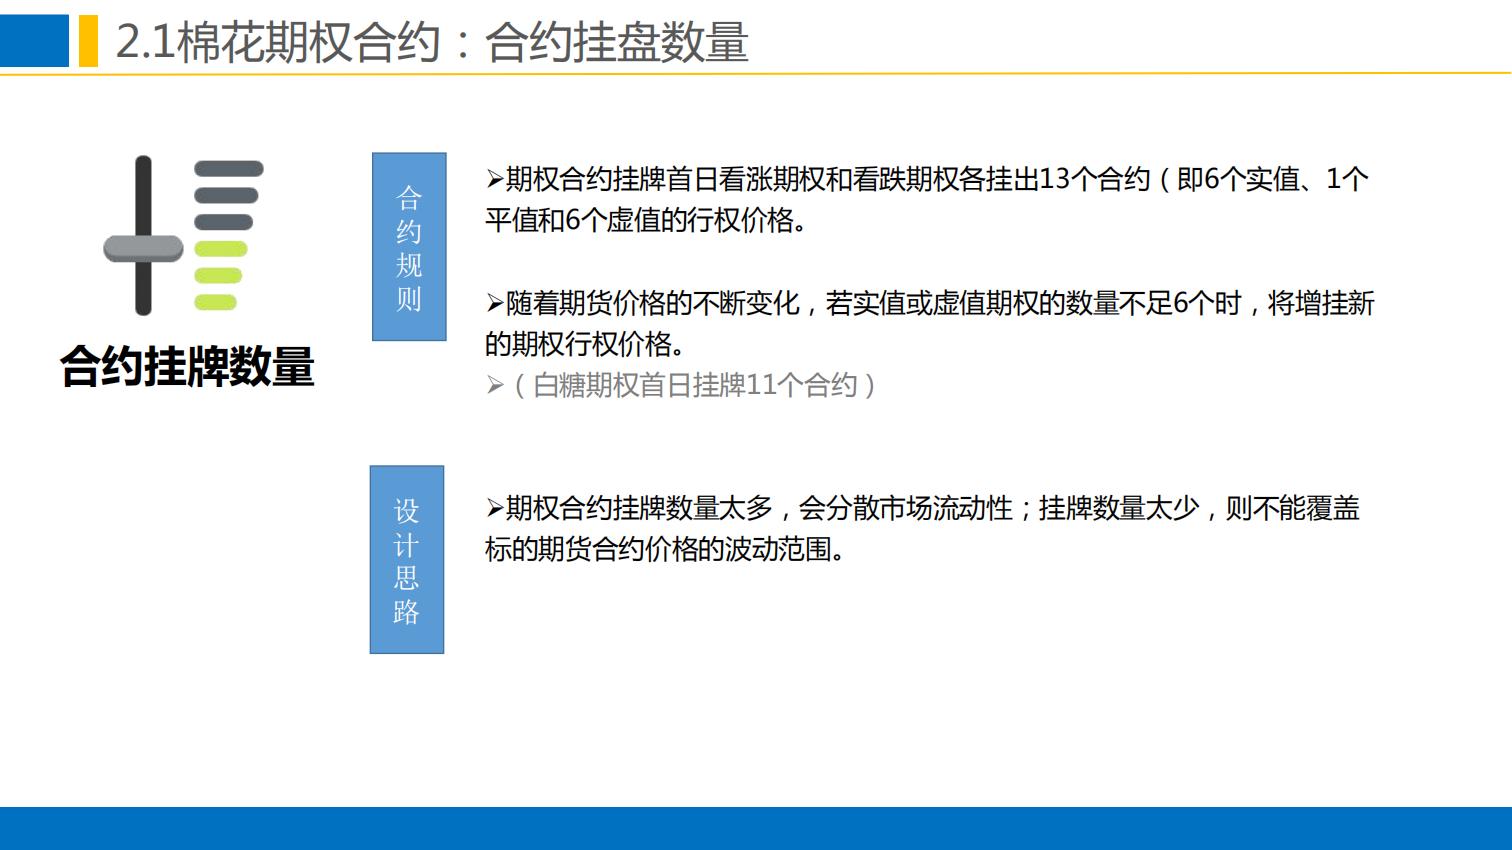 晨会:郑商所培训分享-棉花期权合约规则与上市工作安排0111.pdfx_12.png